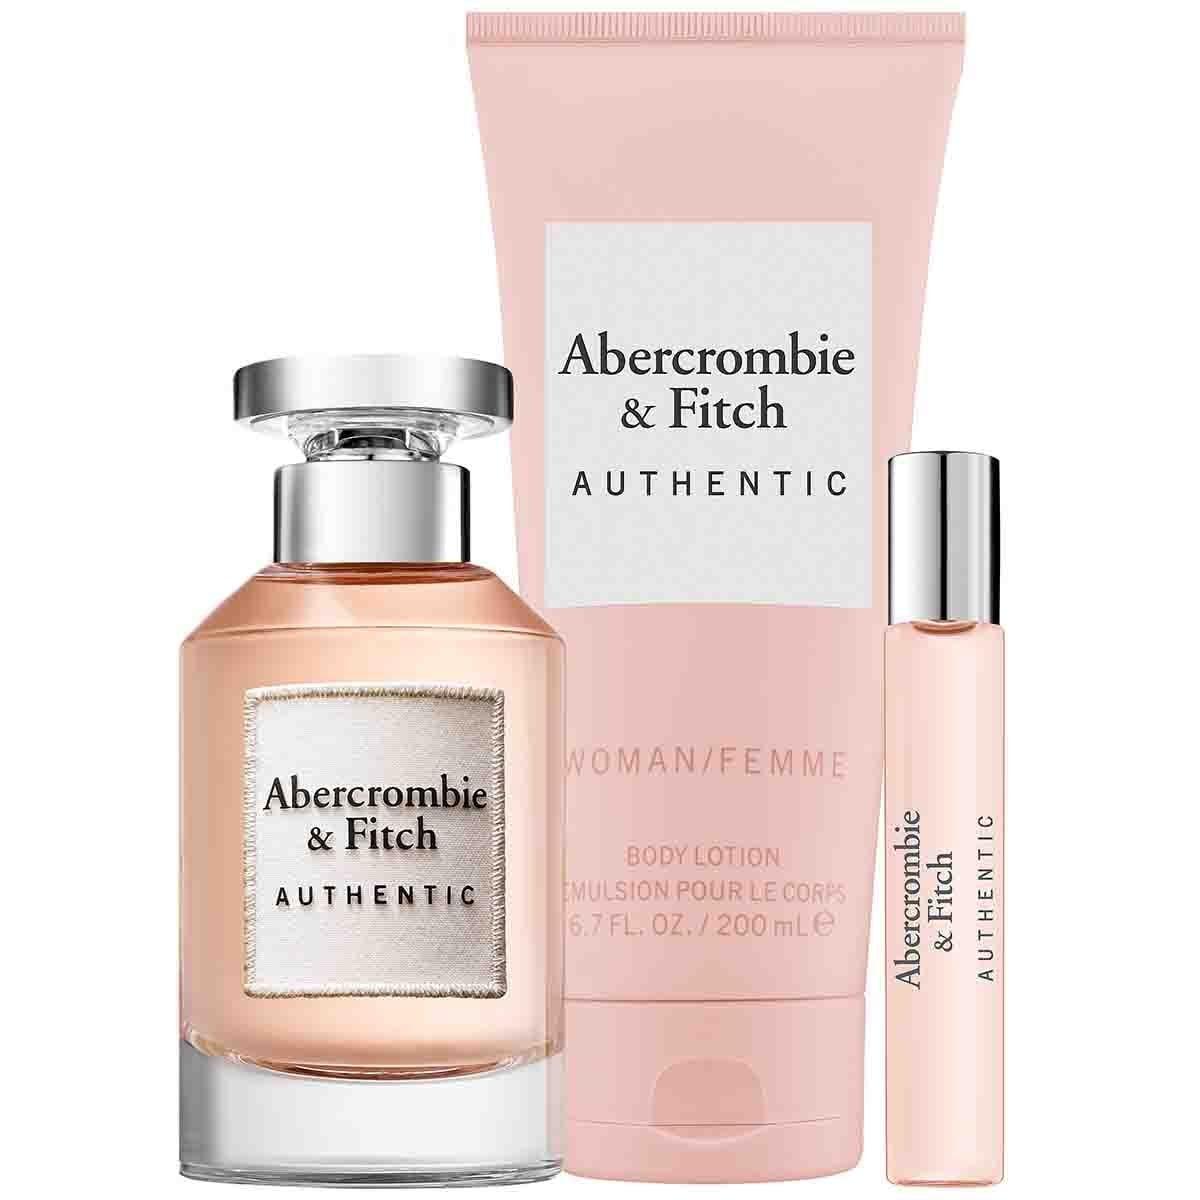 Estuche para Dama Abercrombie & Fitch Authentic Edp 100 Ml